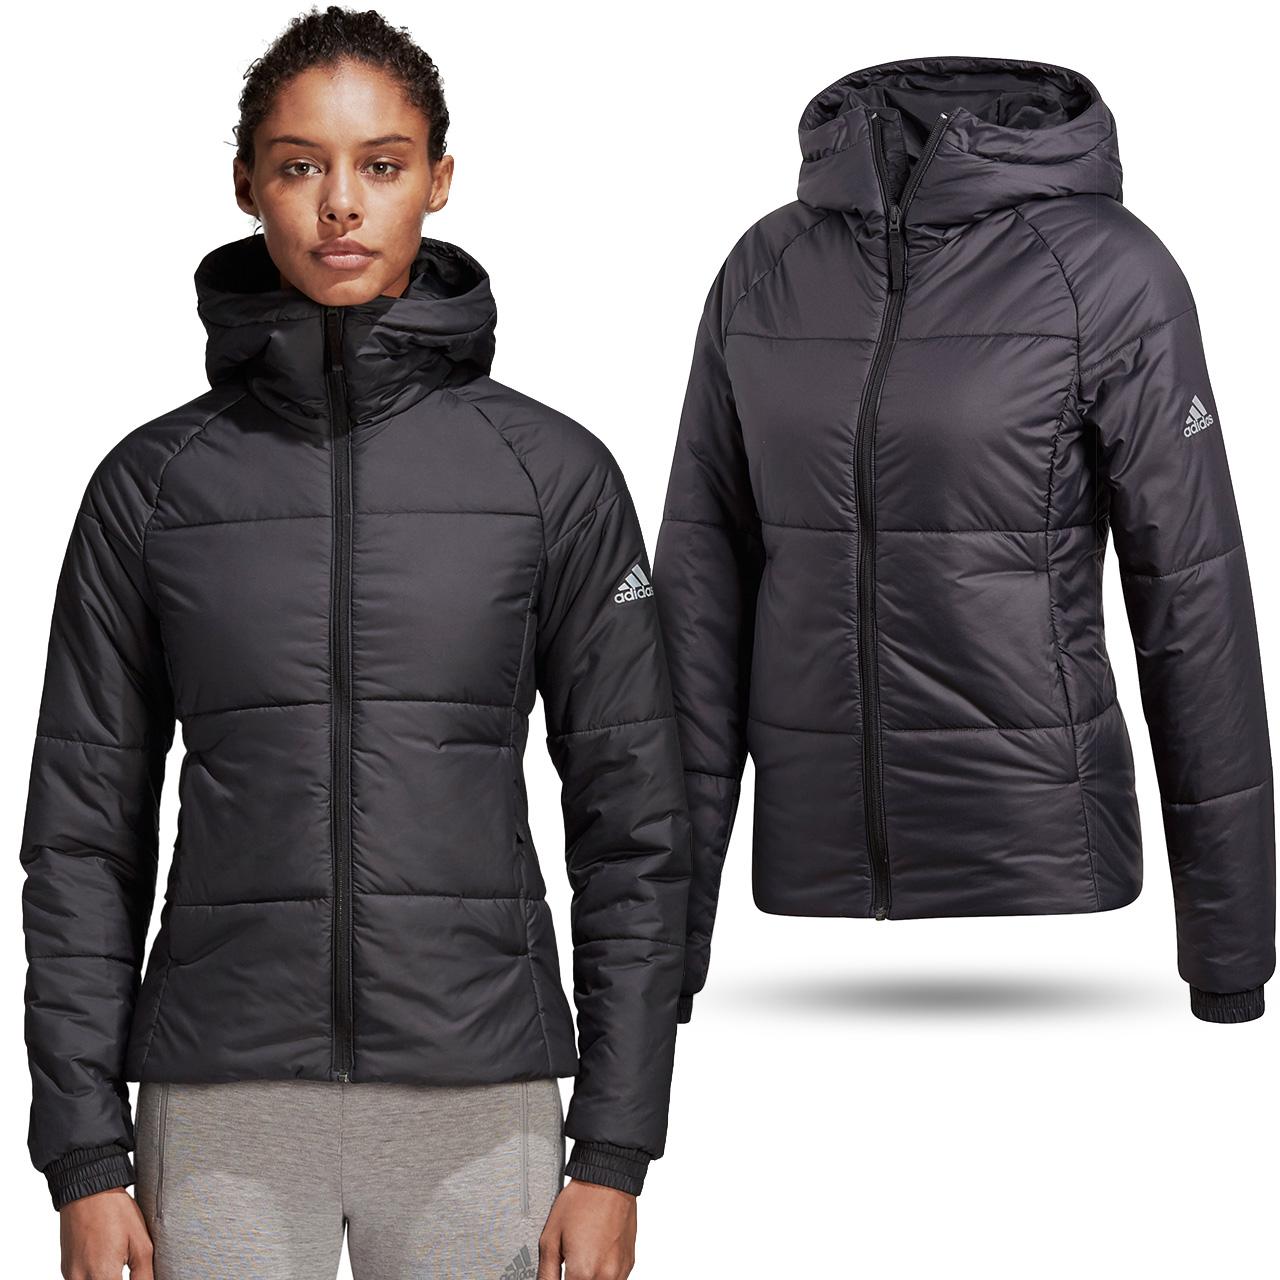 фото новой коллекции зимних курток адидас нежная, загадочная, женственная